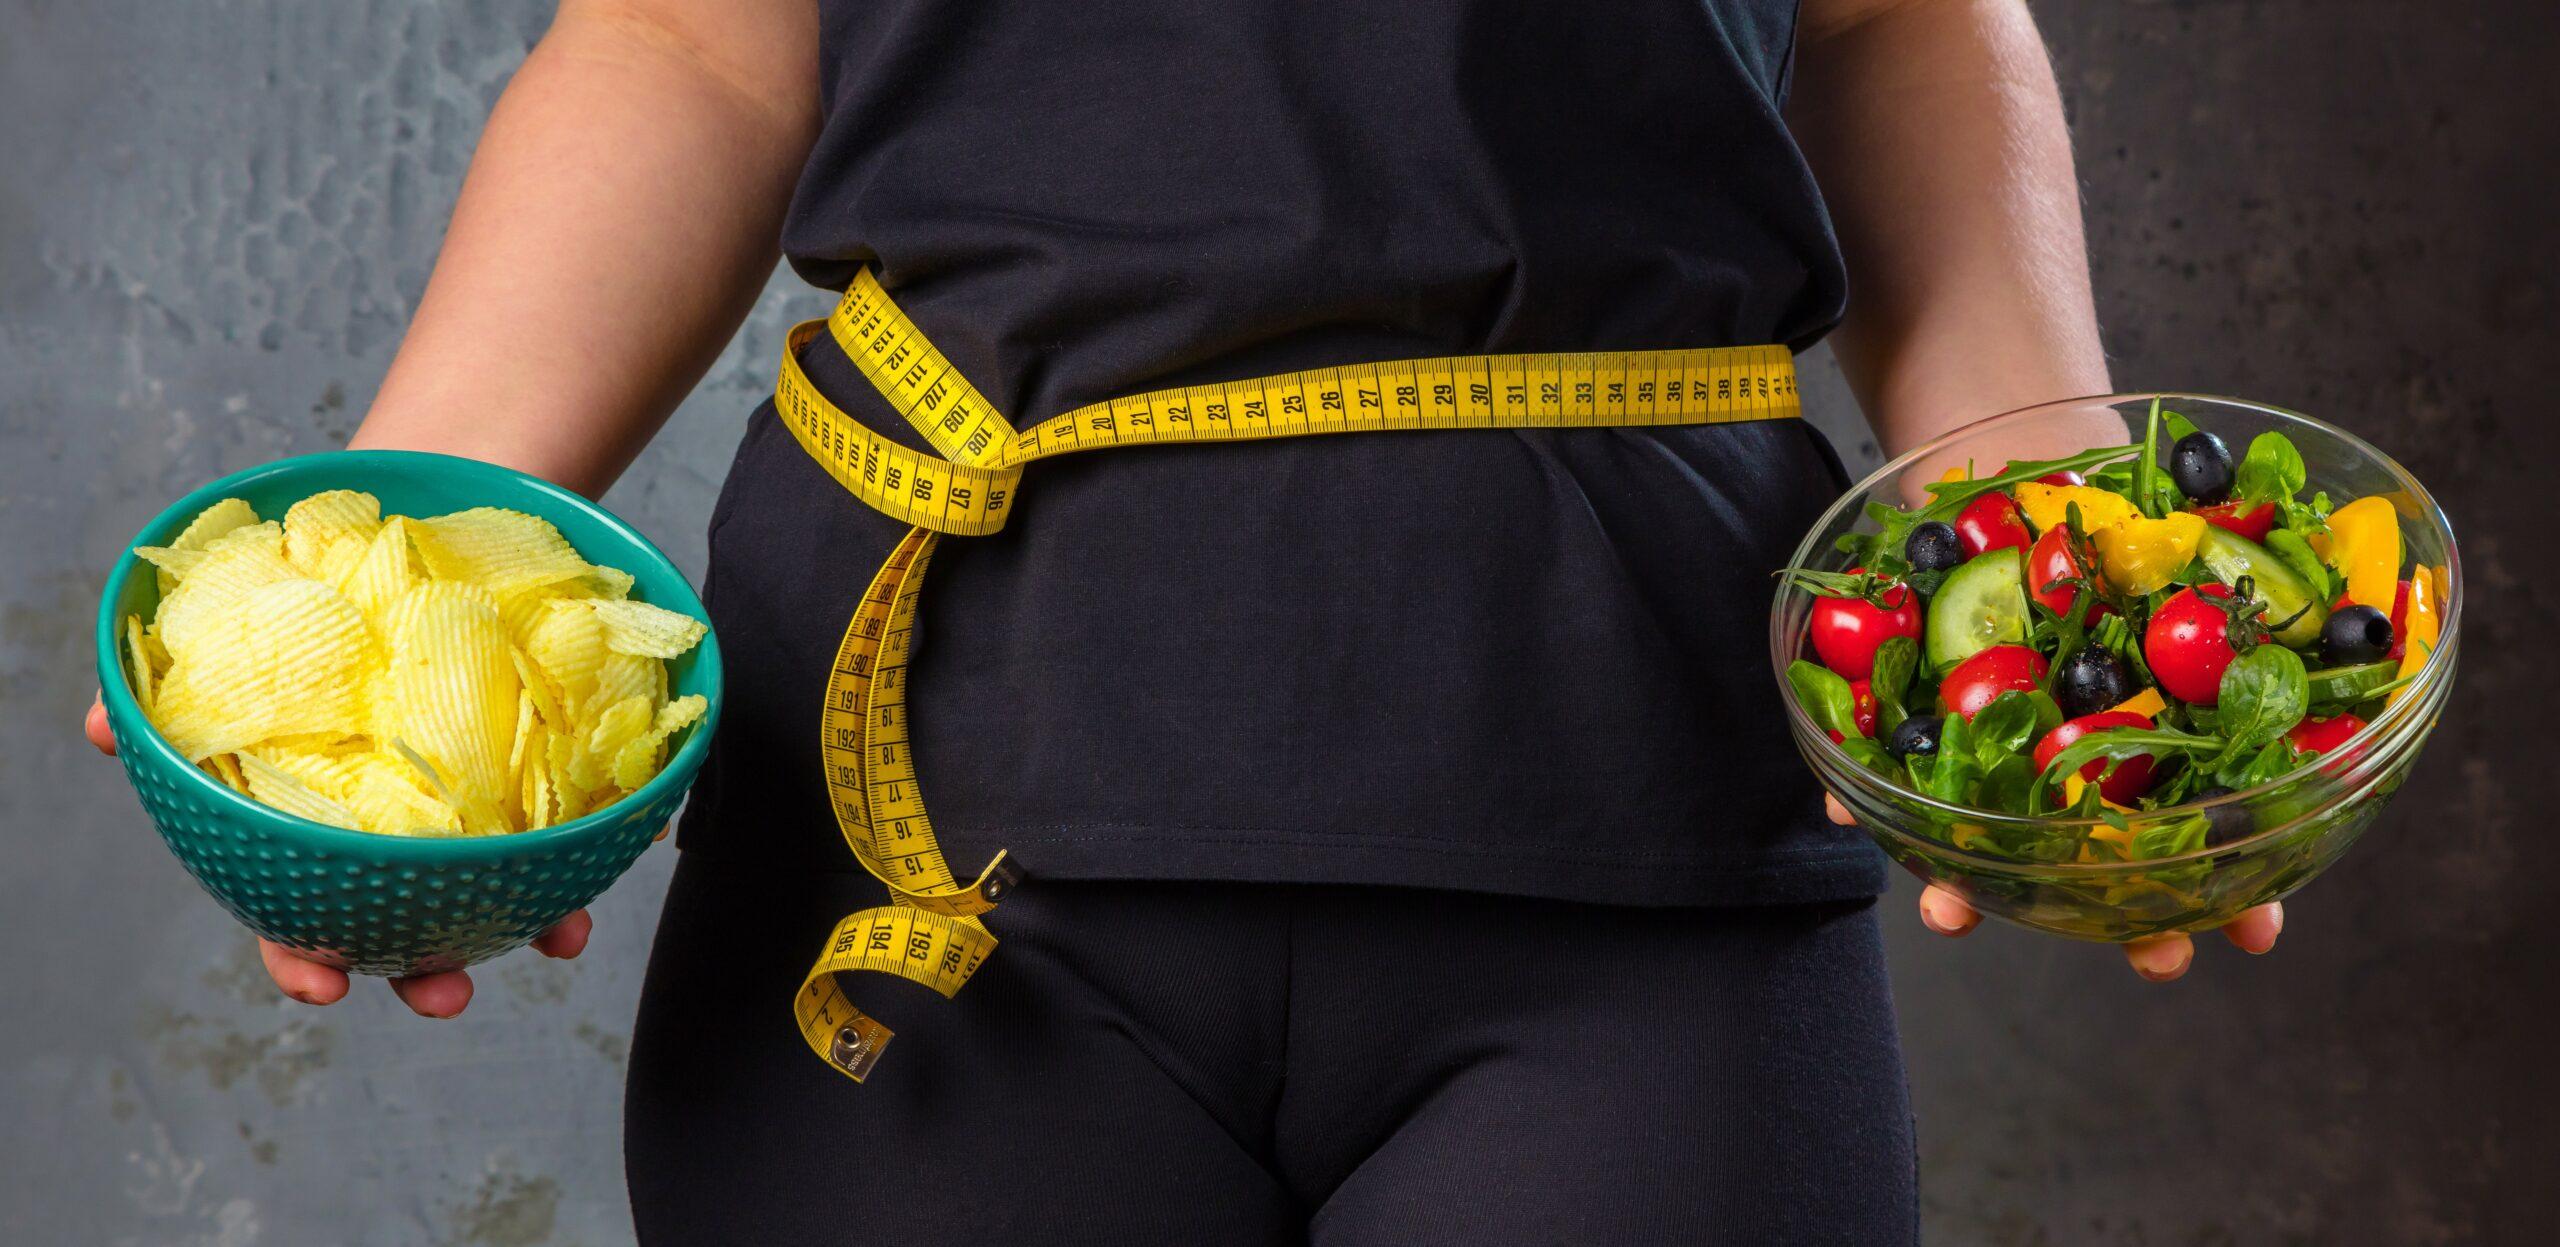 dieta per sbloccare il metabolismo e per il blocco metabolico